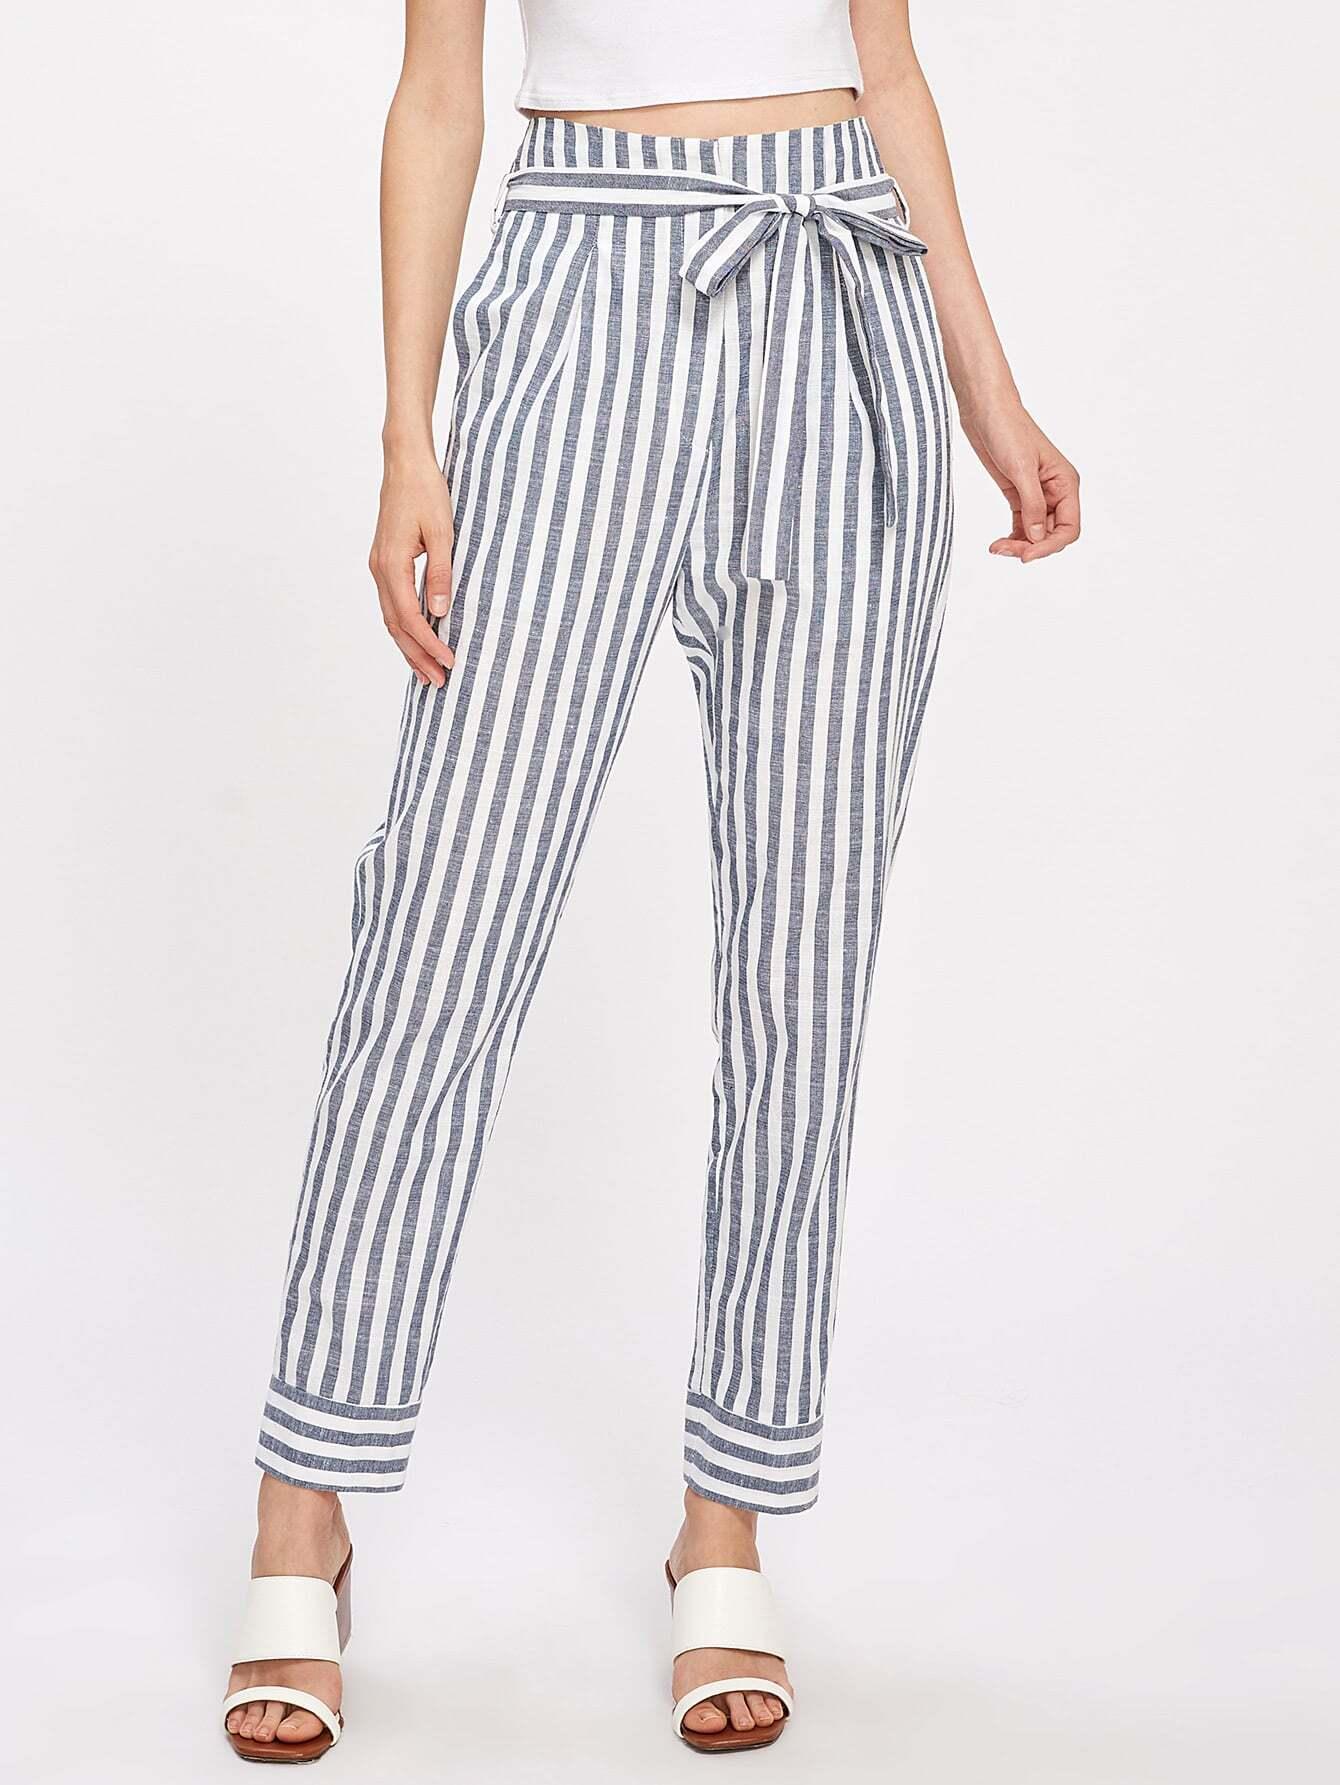 Купить Модные брюки в полоску с поясом, Zoranaa, SheIn